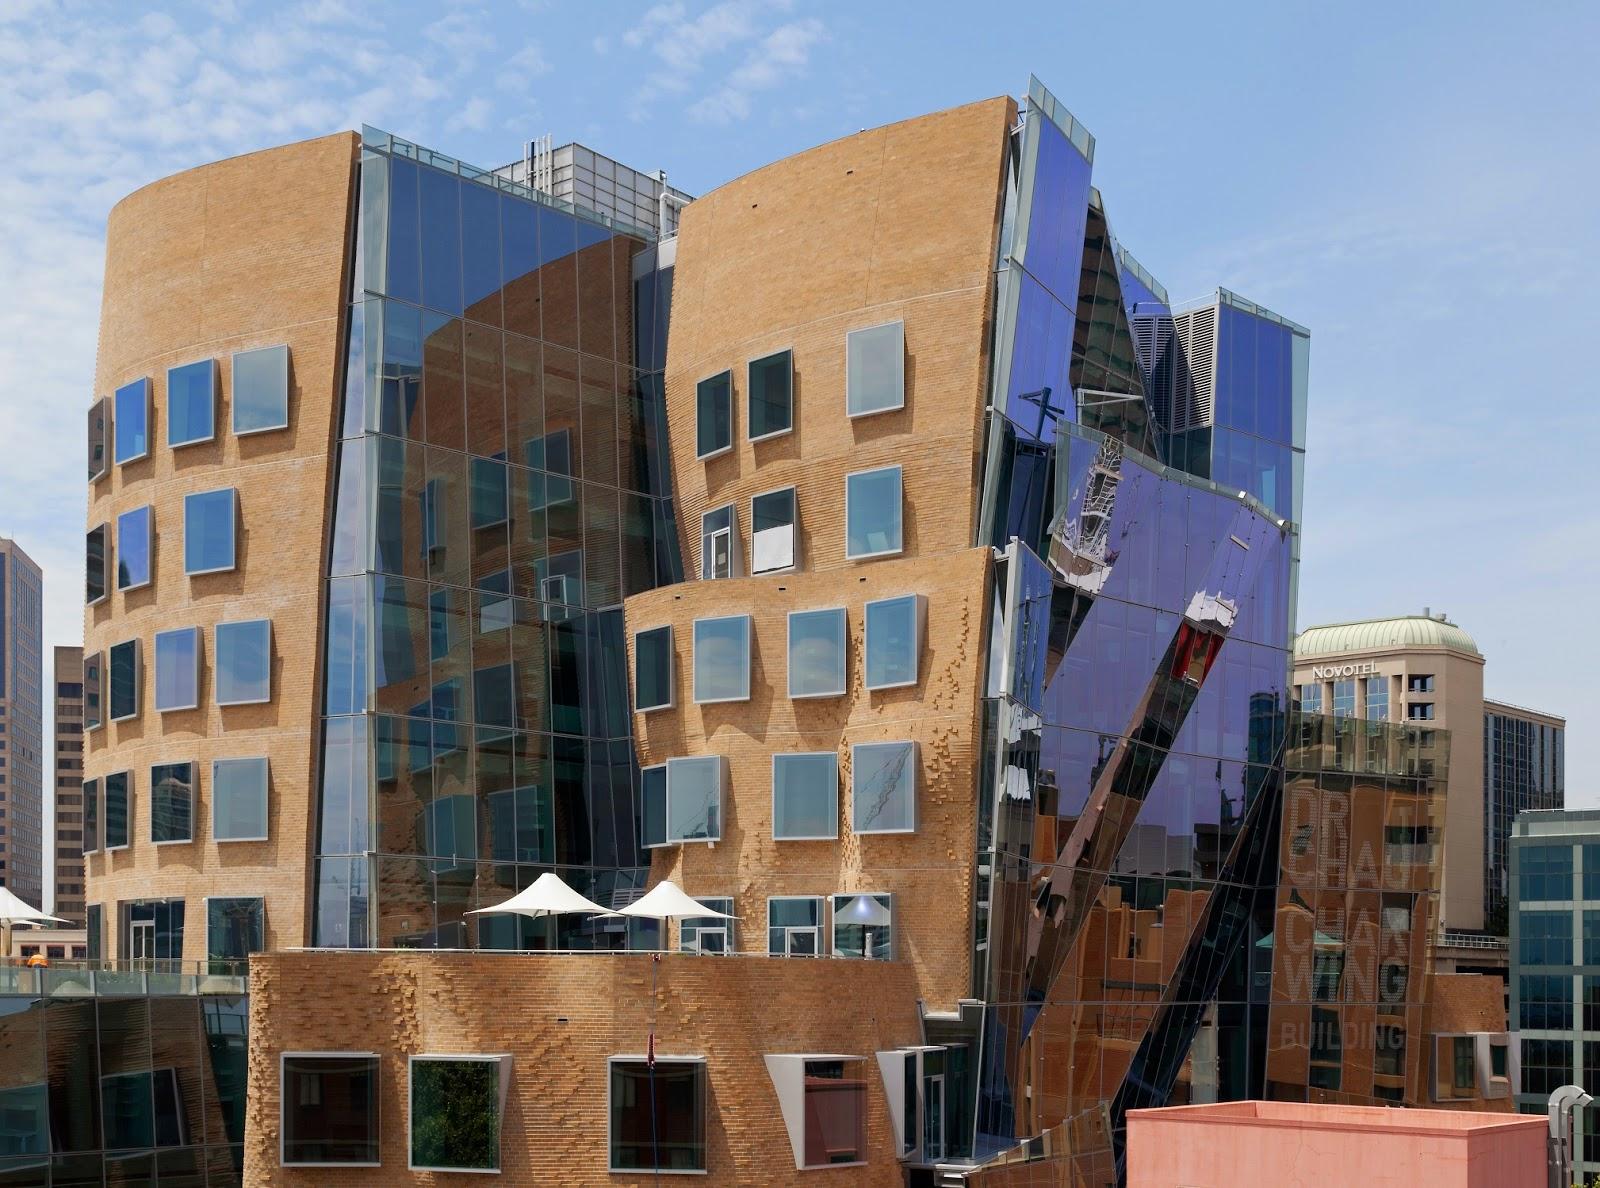 Фрэнк Гери реализовал свой первый объект на Австралийском континенте.